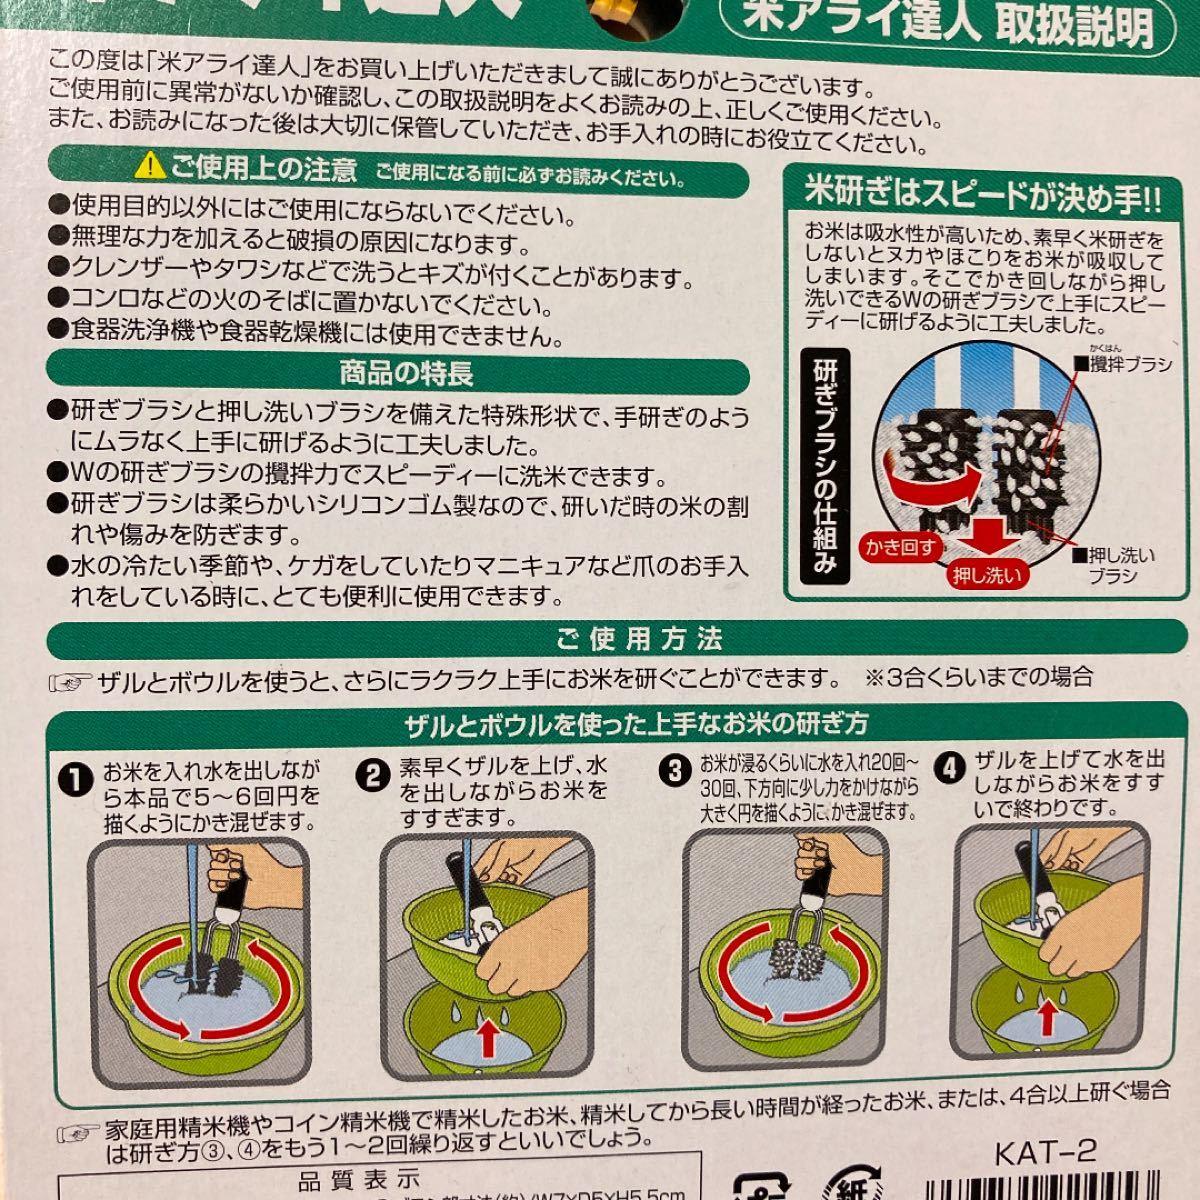 YAMAZEN 米洗い達人 KAT-2